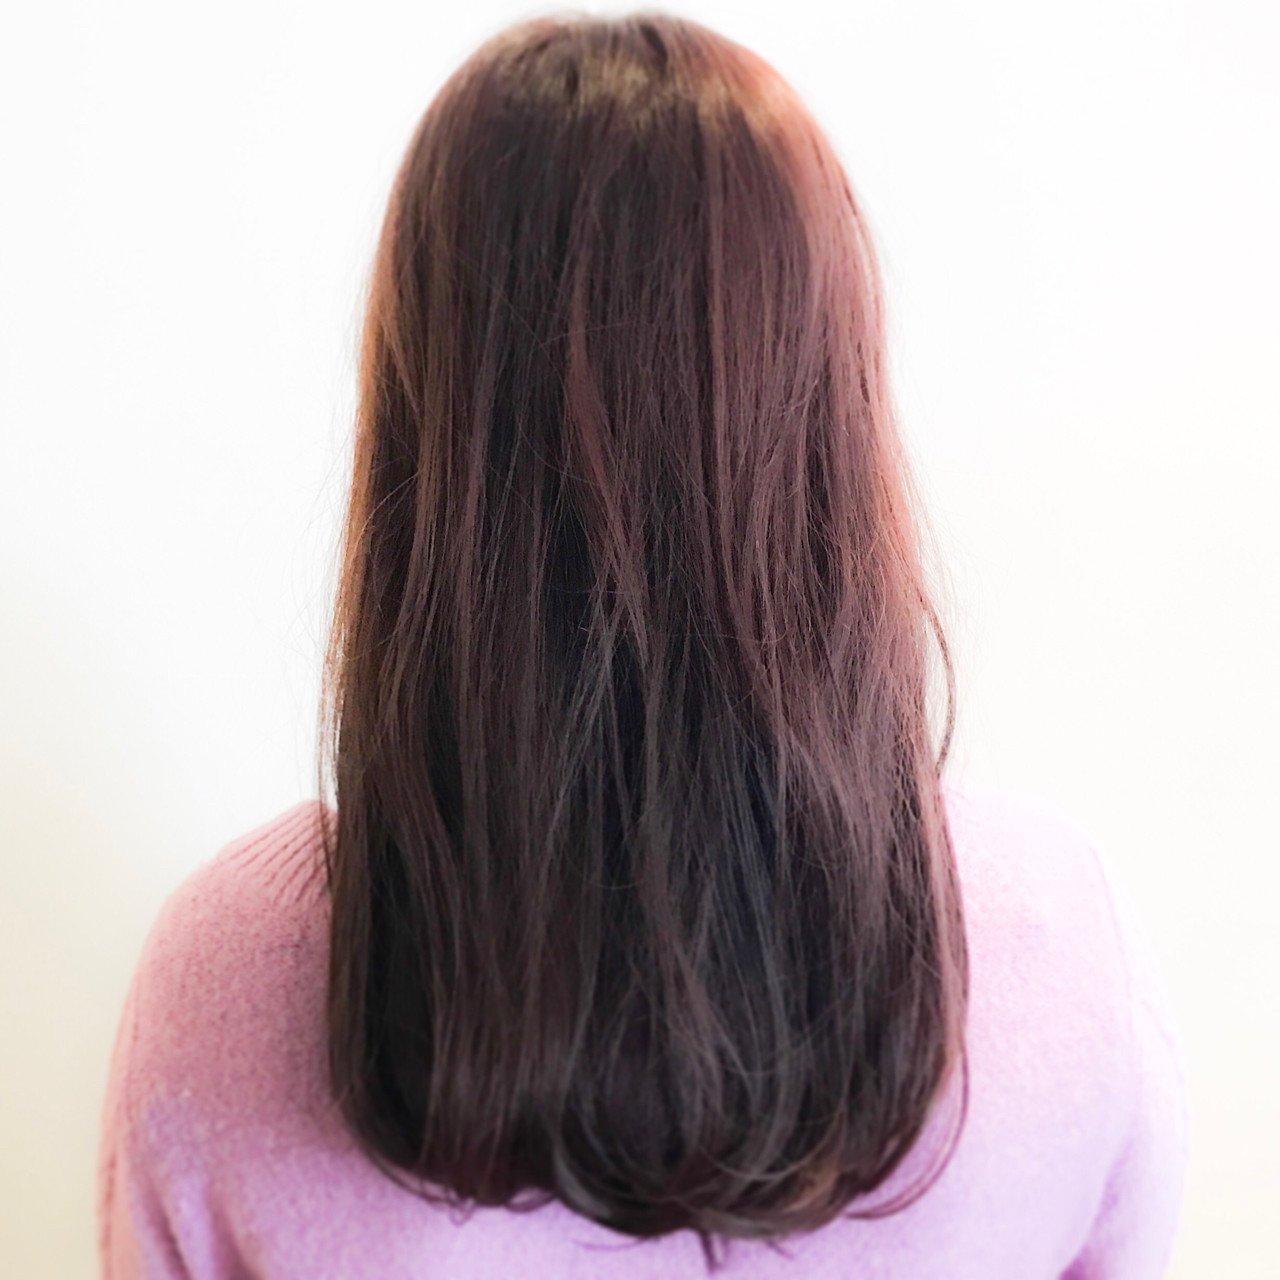 暗めの色落ちピンクブラウンでキメる hayakawa.